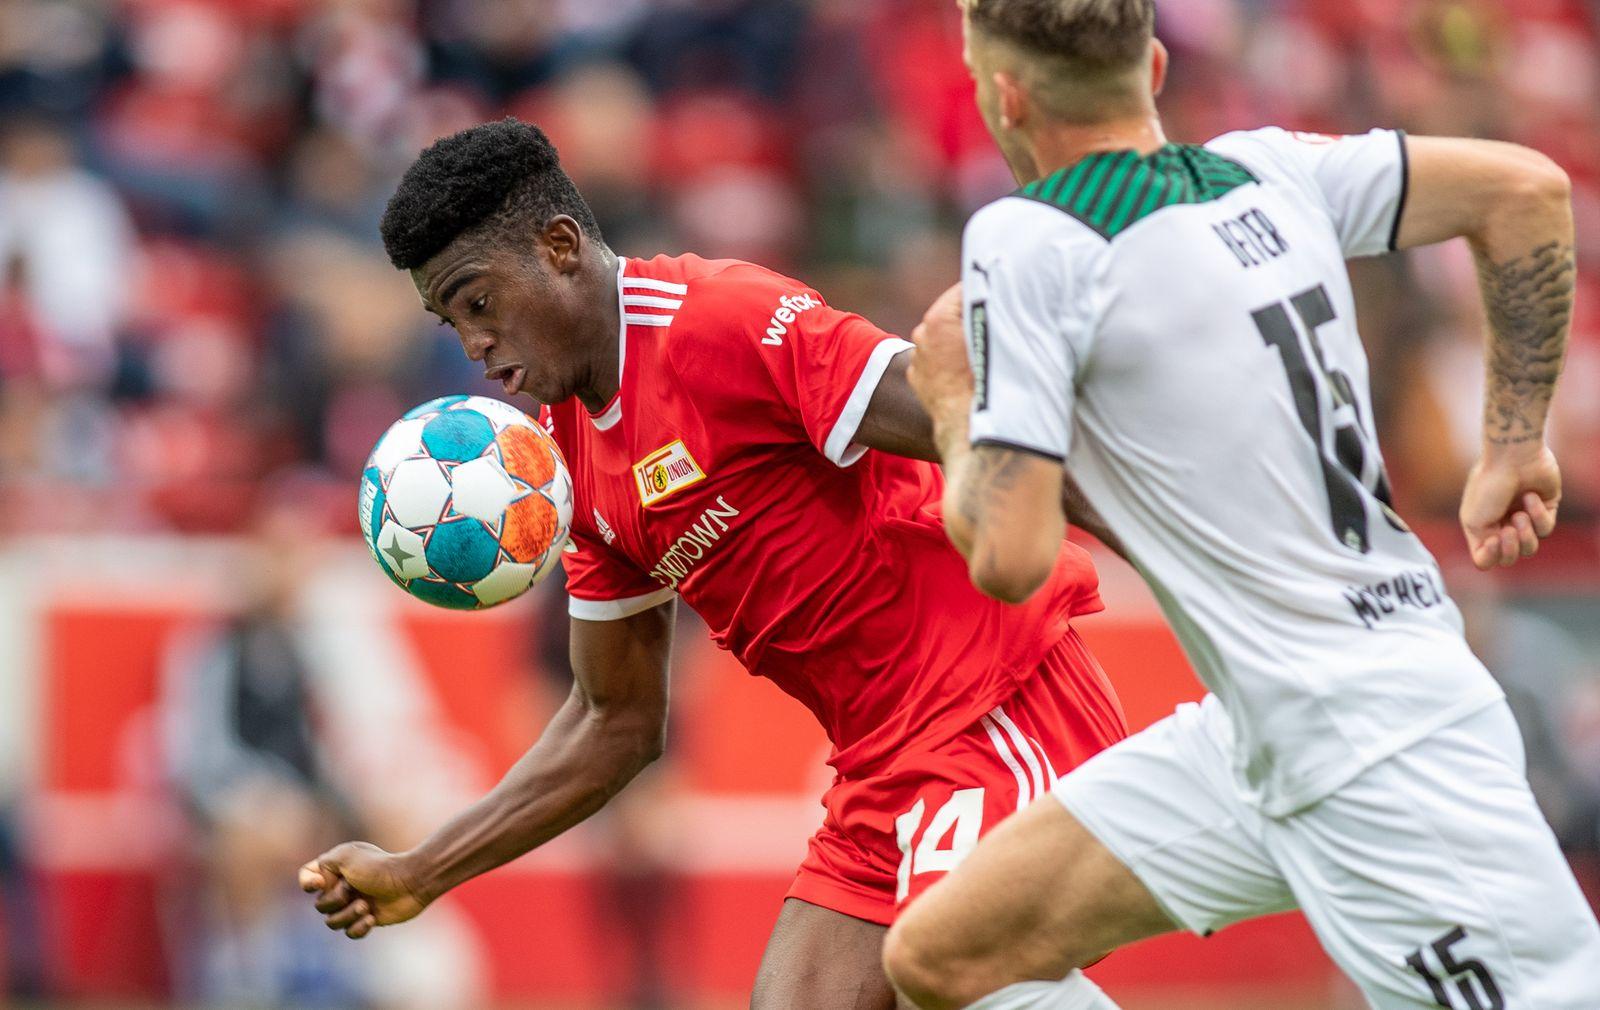 1. FC Union Berlin - Borussia Mönchengladbach